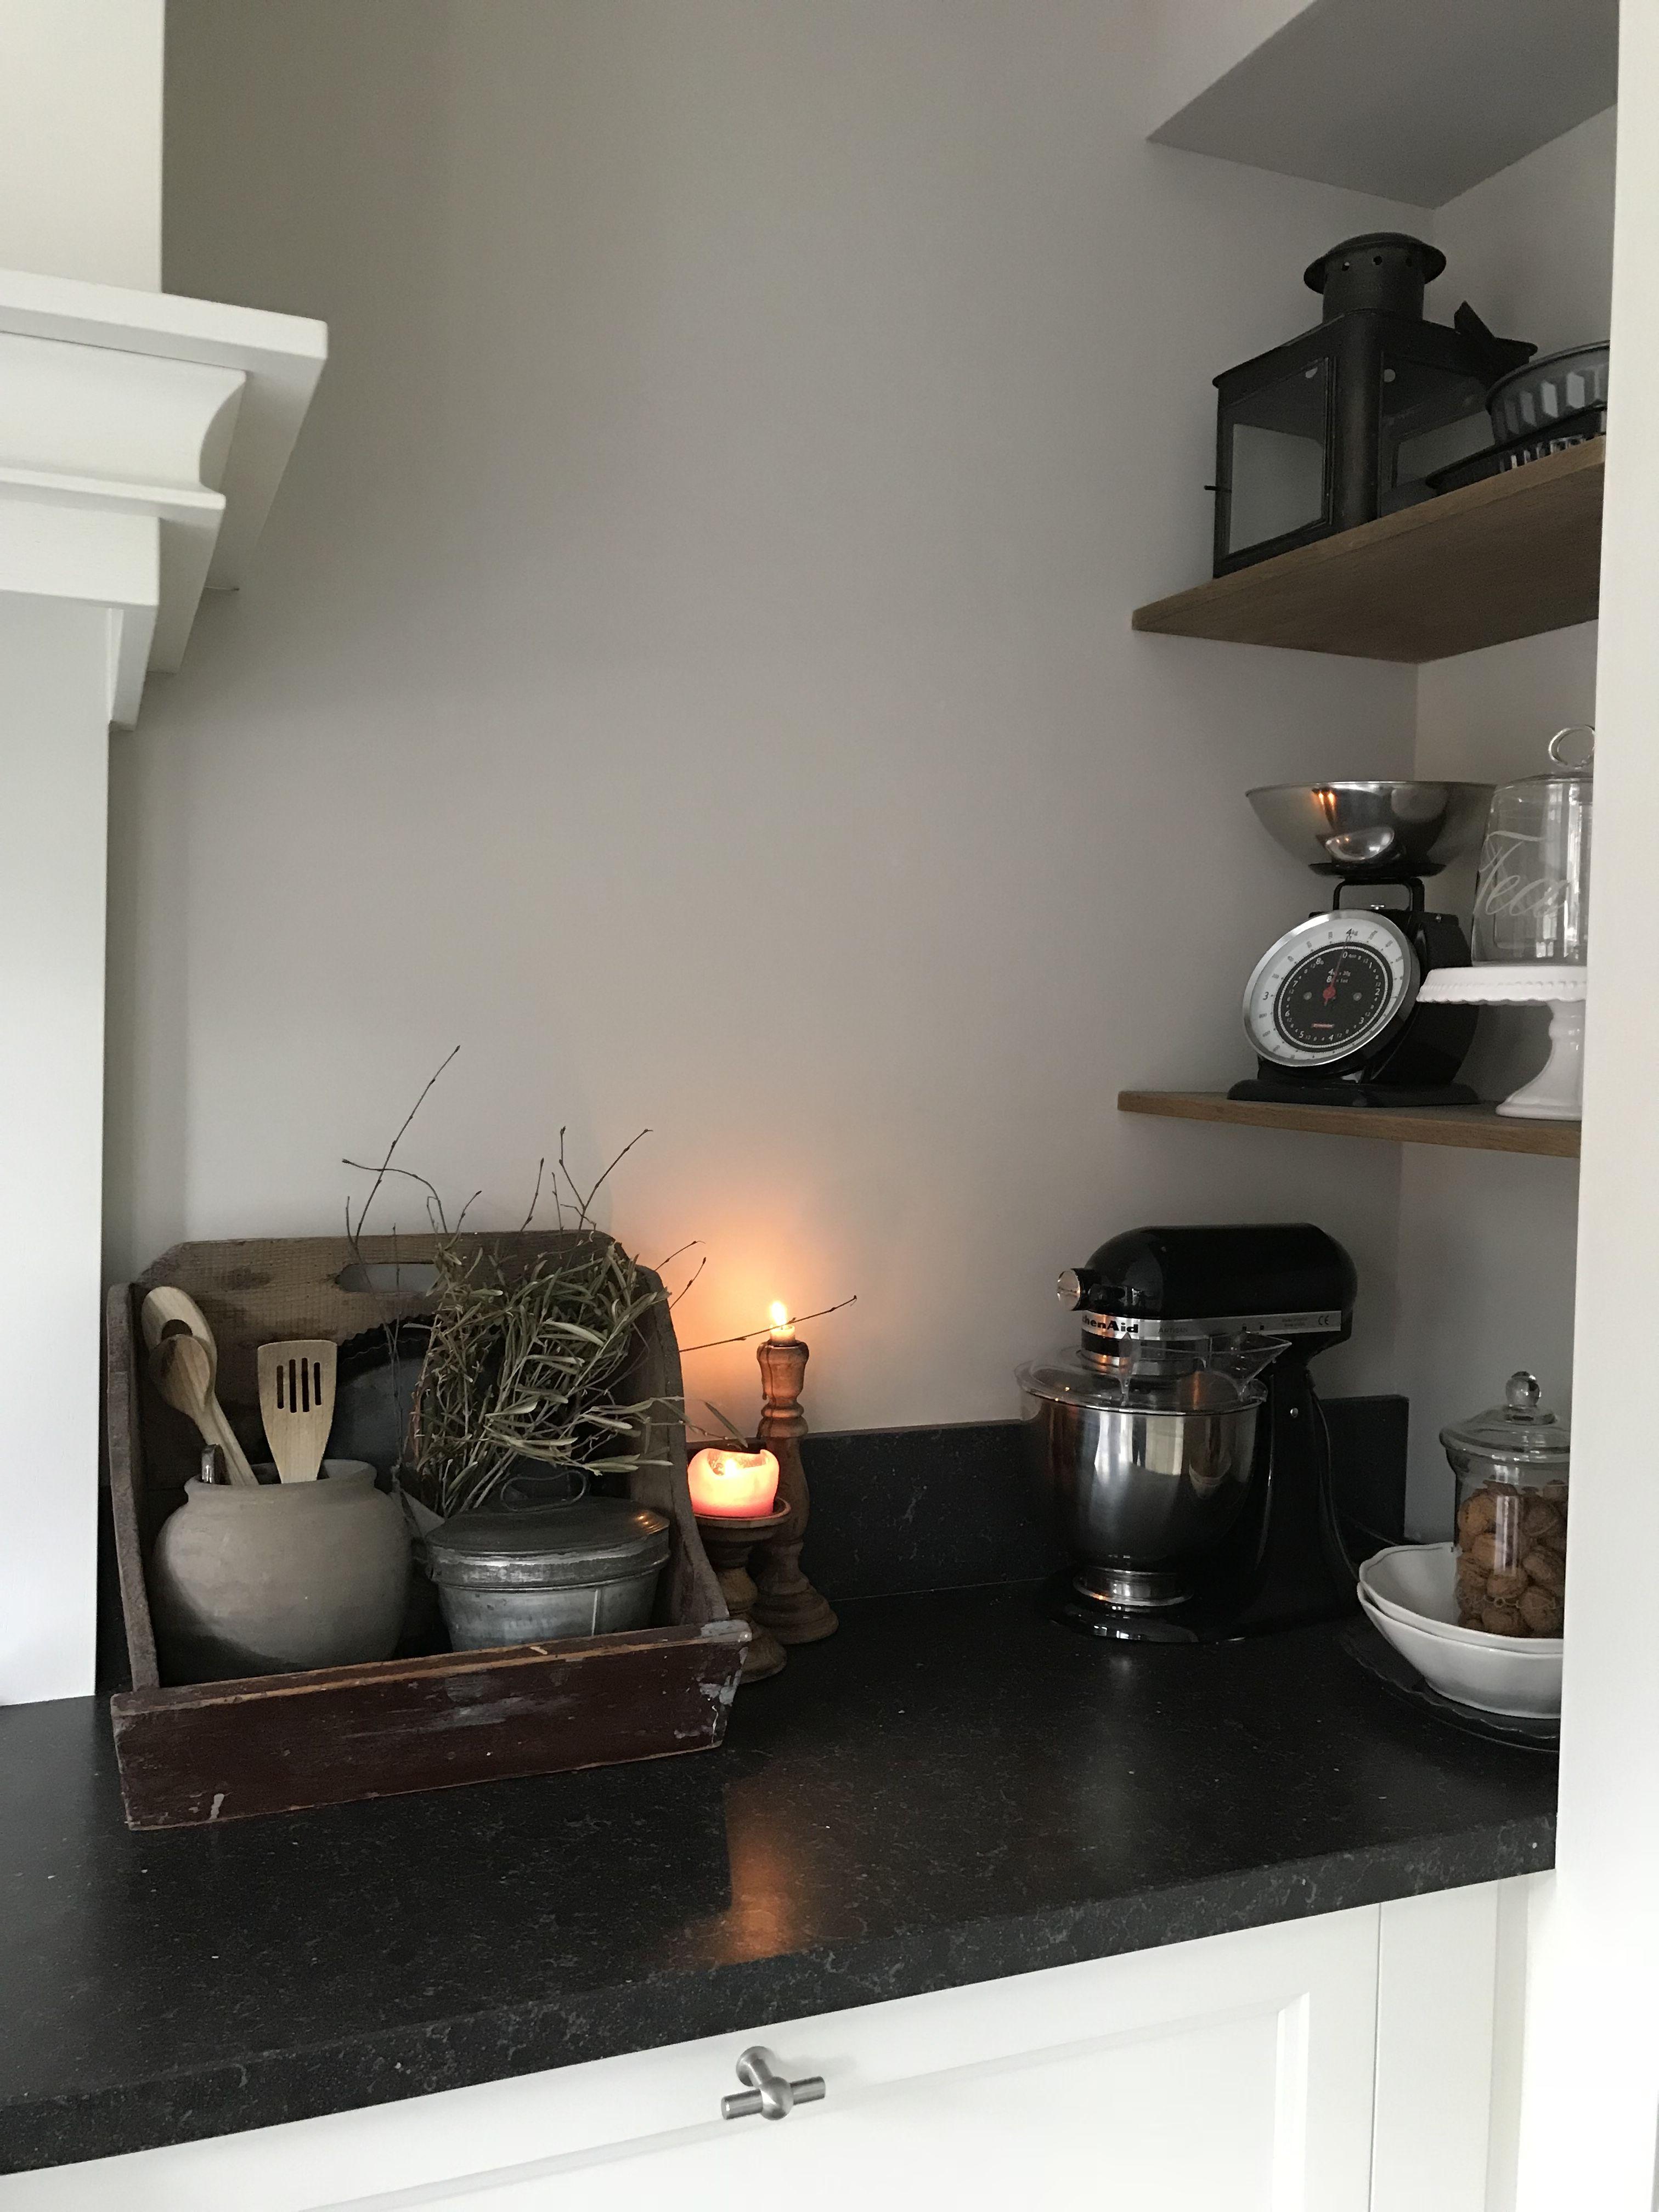 My Country Kitchen Aanrecht Decoratie Keuken Ideeen Landelijke Stijl Keuken Idee Keuken Decoratie Mooie Keukens